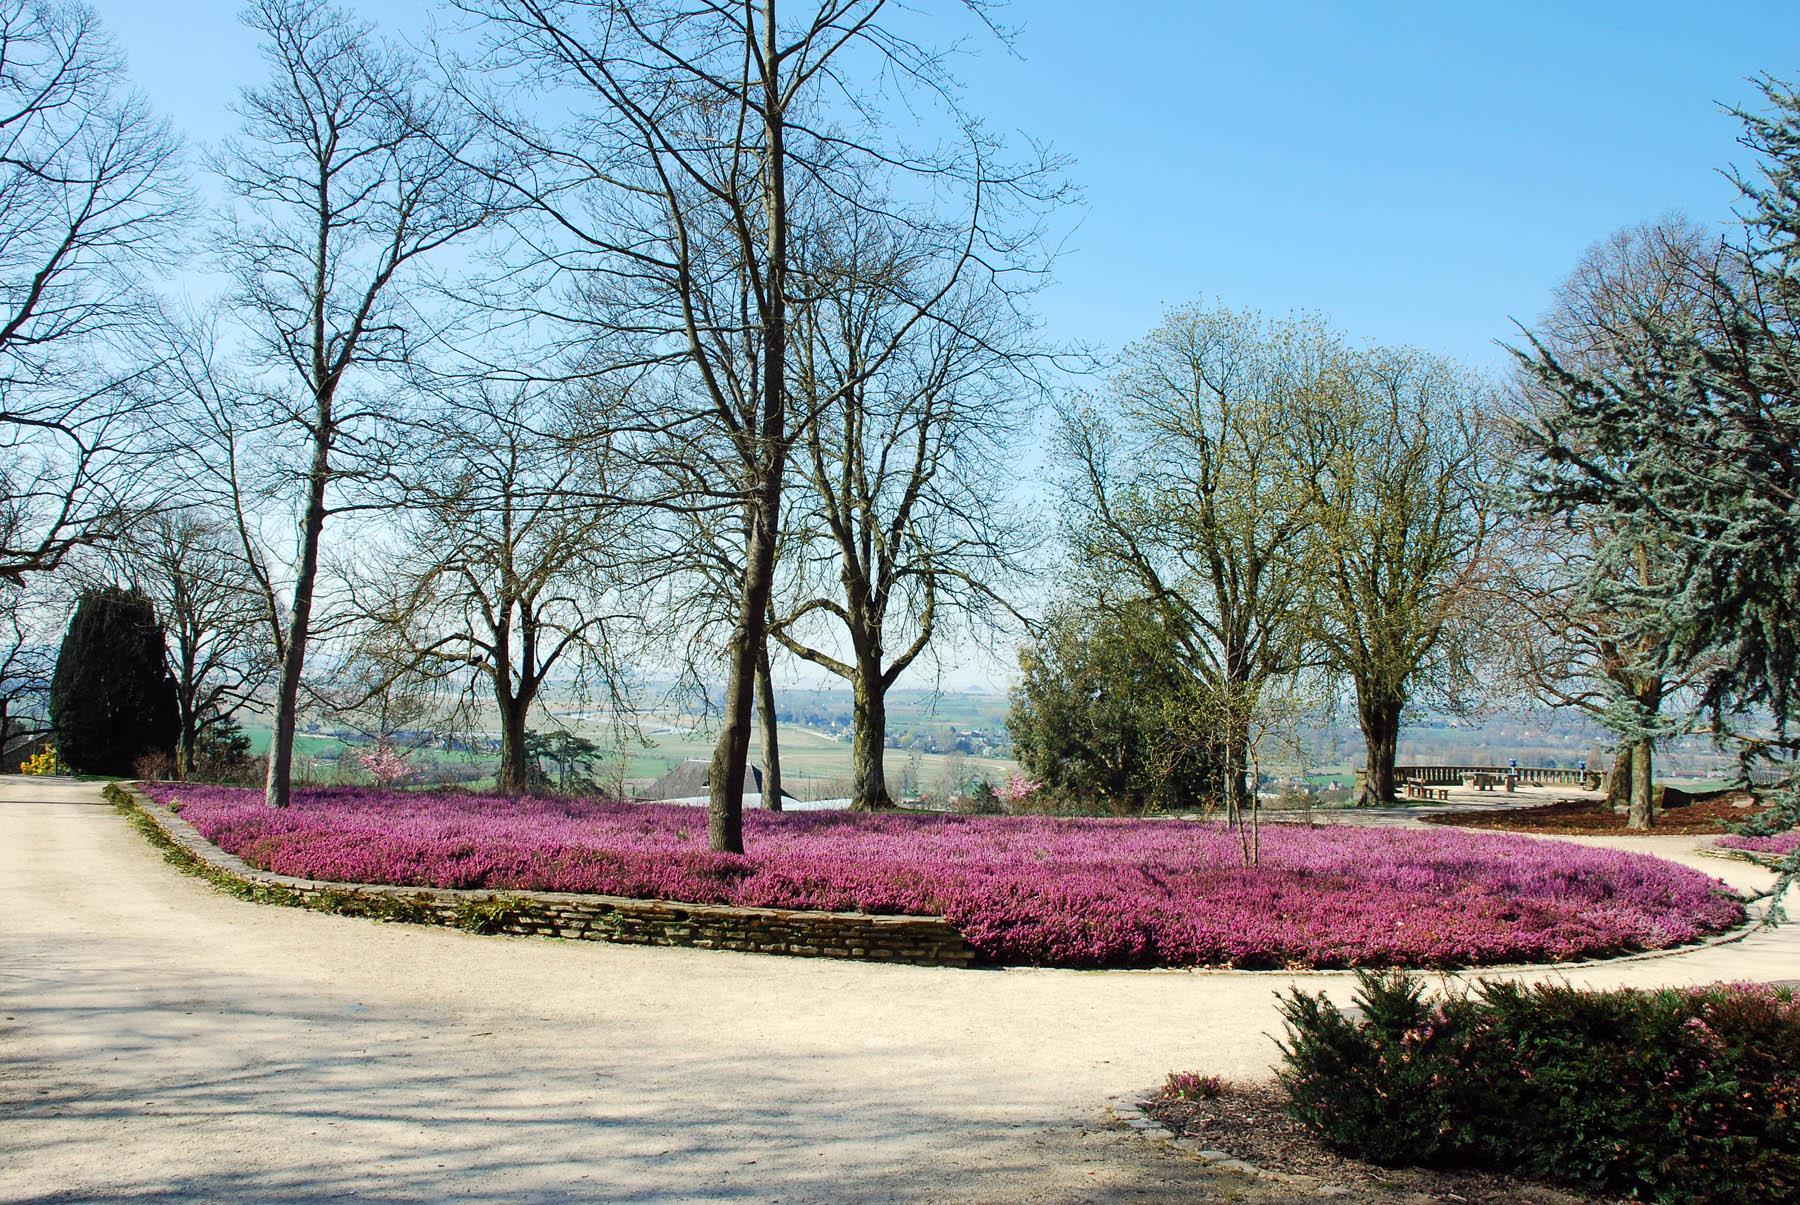 Photo: Jardin Des Plantes - Avranches - France intérieur Le Jardin Des Plantes Avranches